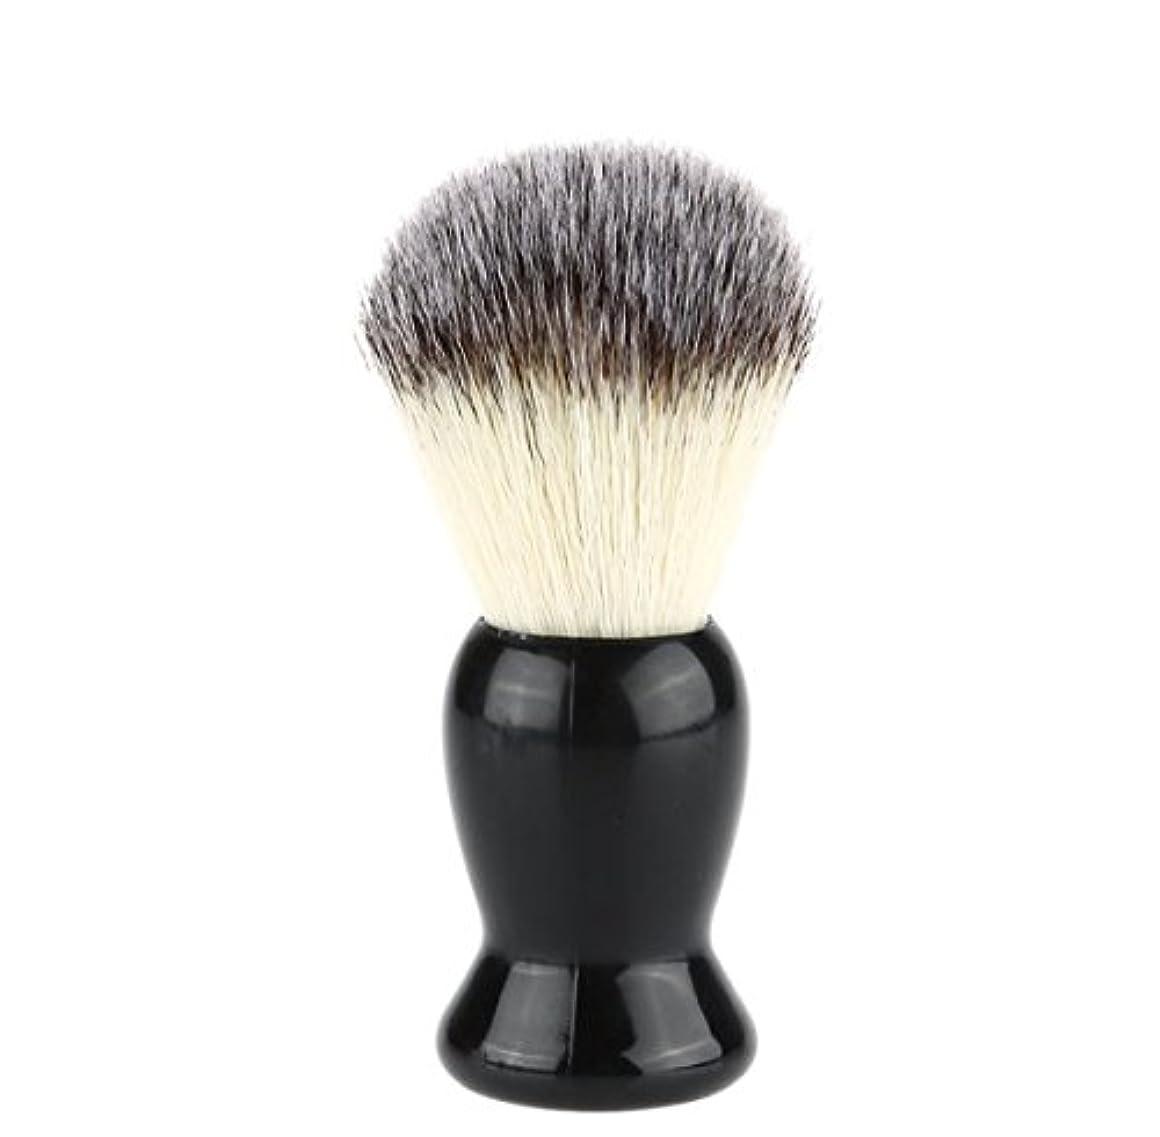 従事したすずめゴネリルSuperb Barber Salon Shaving Brush Black Handle Face Beard Cleaning Men Shaving Razor Brush Cleaning Appliance...